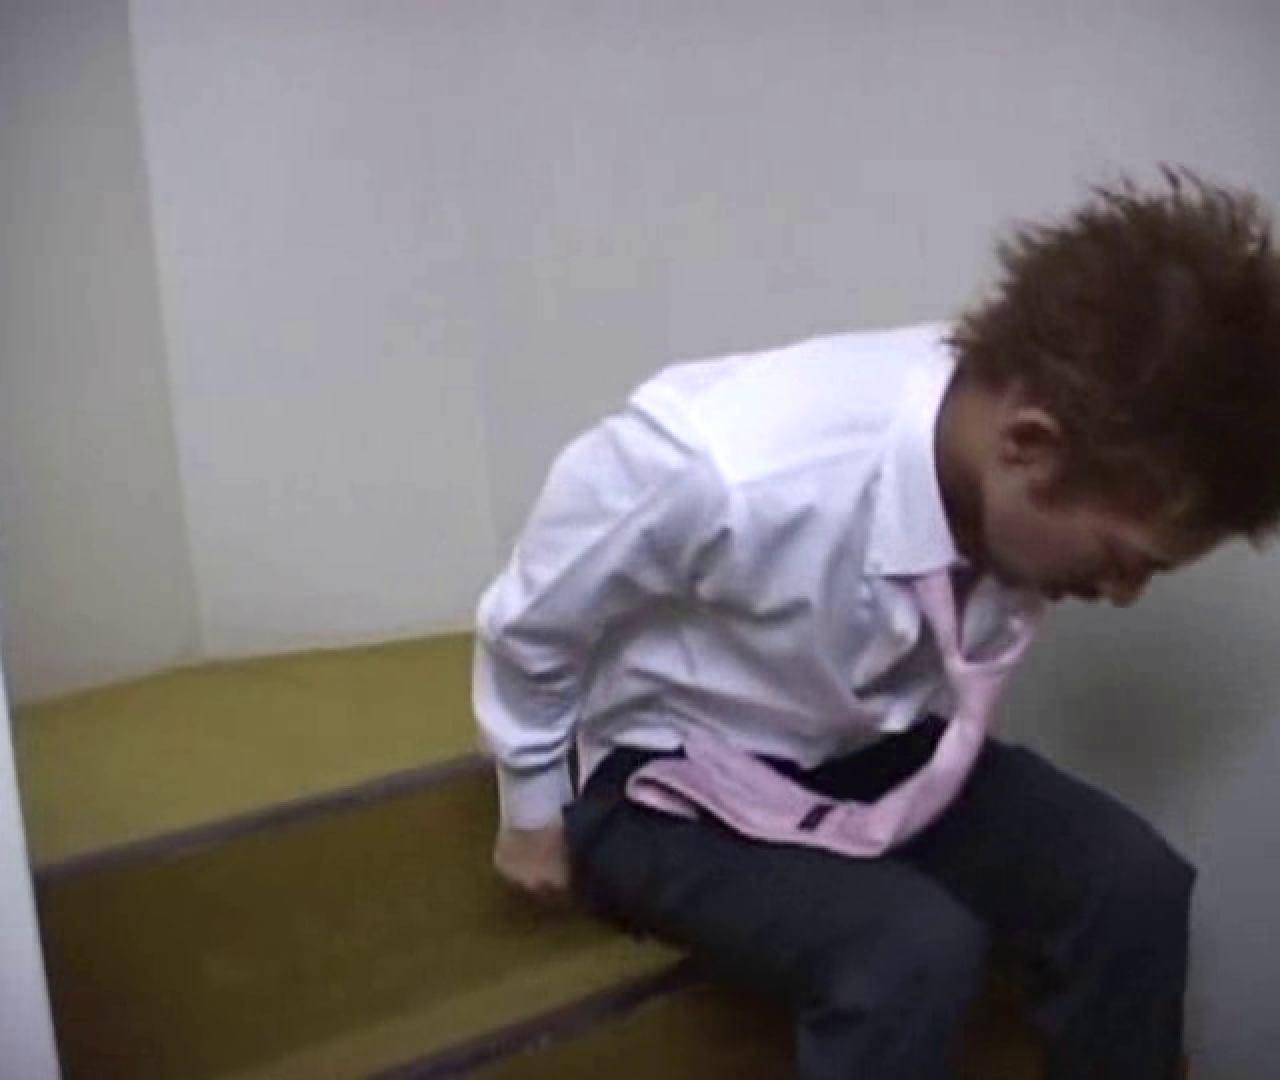 大集合!!カッコ可愛いメンズの一穴入根!!.VOL89 オナニー ゲイエロ動画 86pic 43